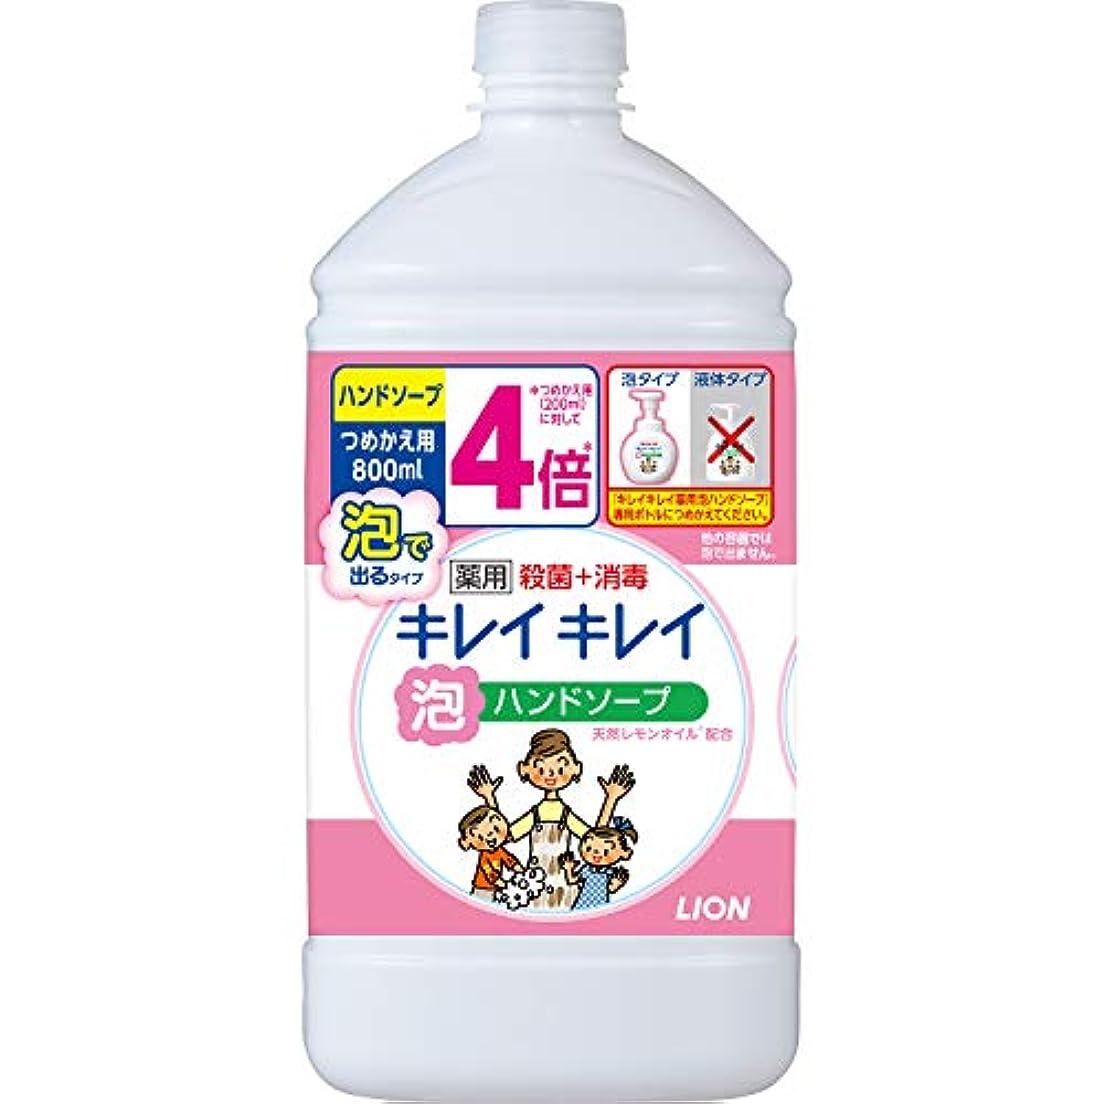 臭い利益削る(医薬部外品)【大容量】キレイキレイ 薬用 泡ハンドソープ シトラスフルーティの香り 詰替特大 800ml